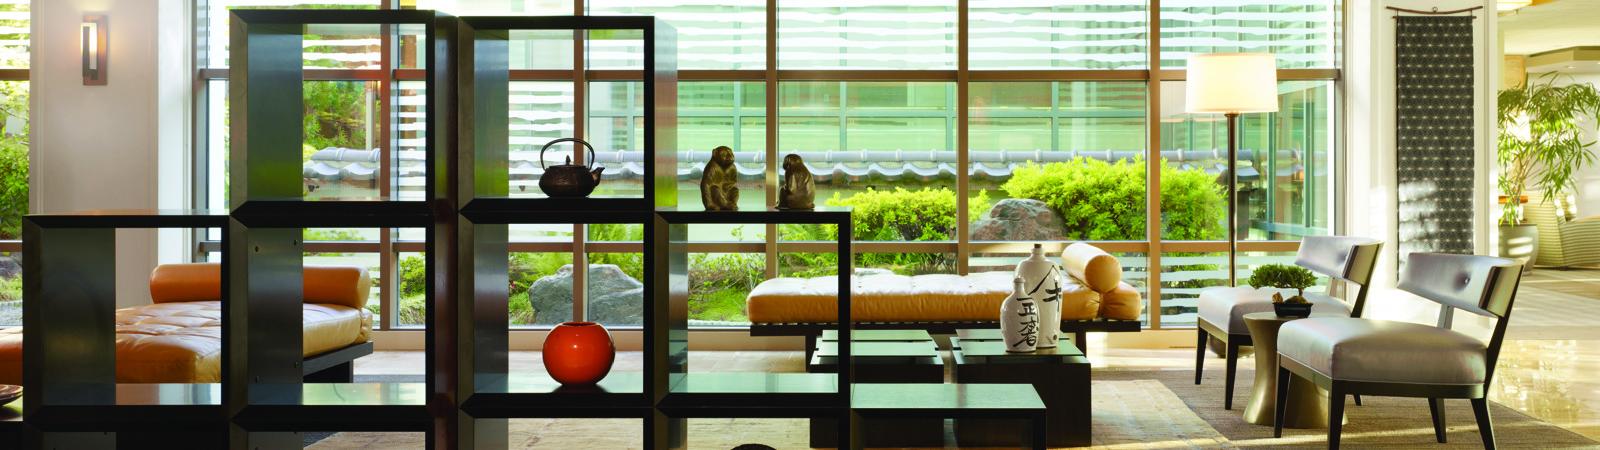 Hotel Kabuki Lobby 01 CR